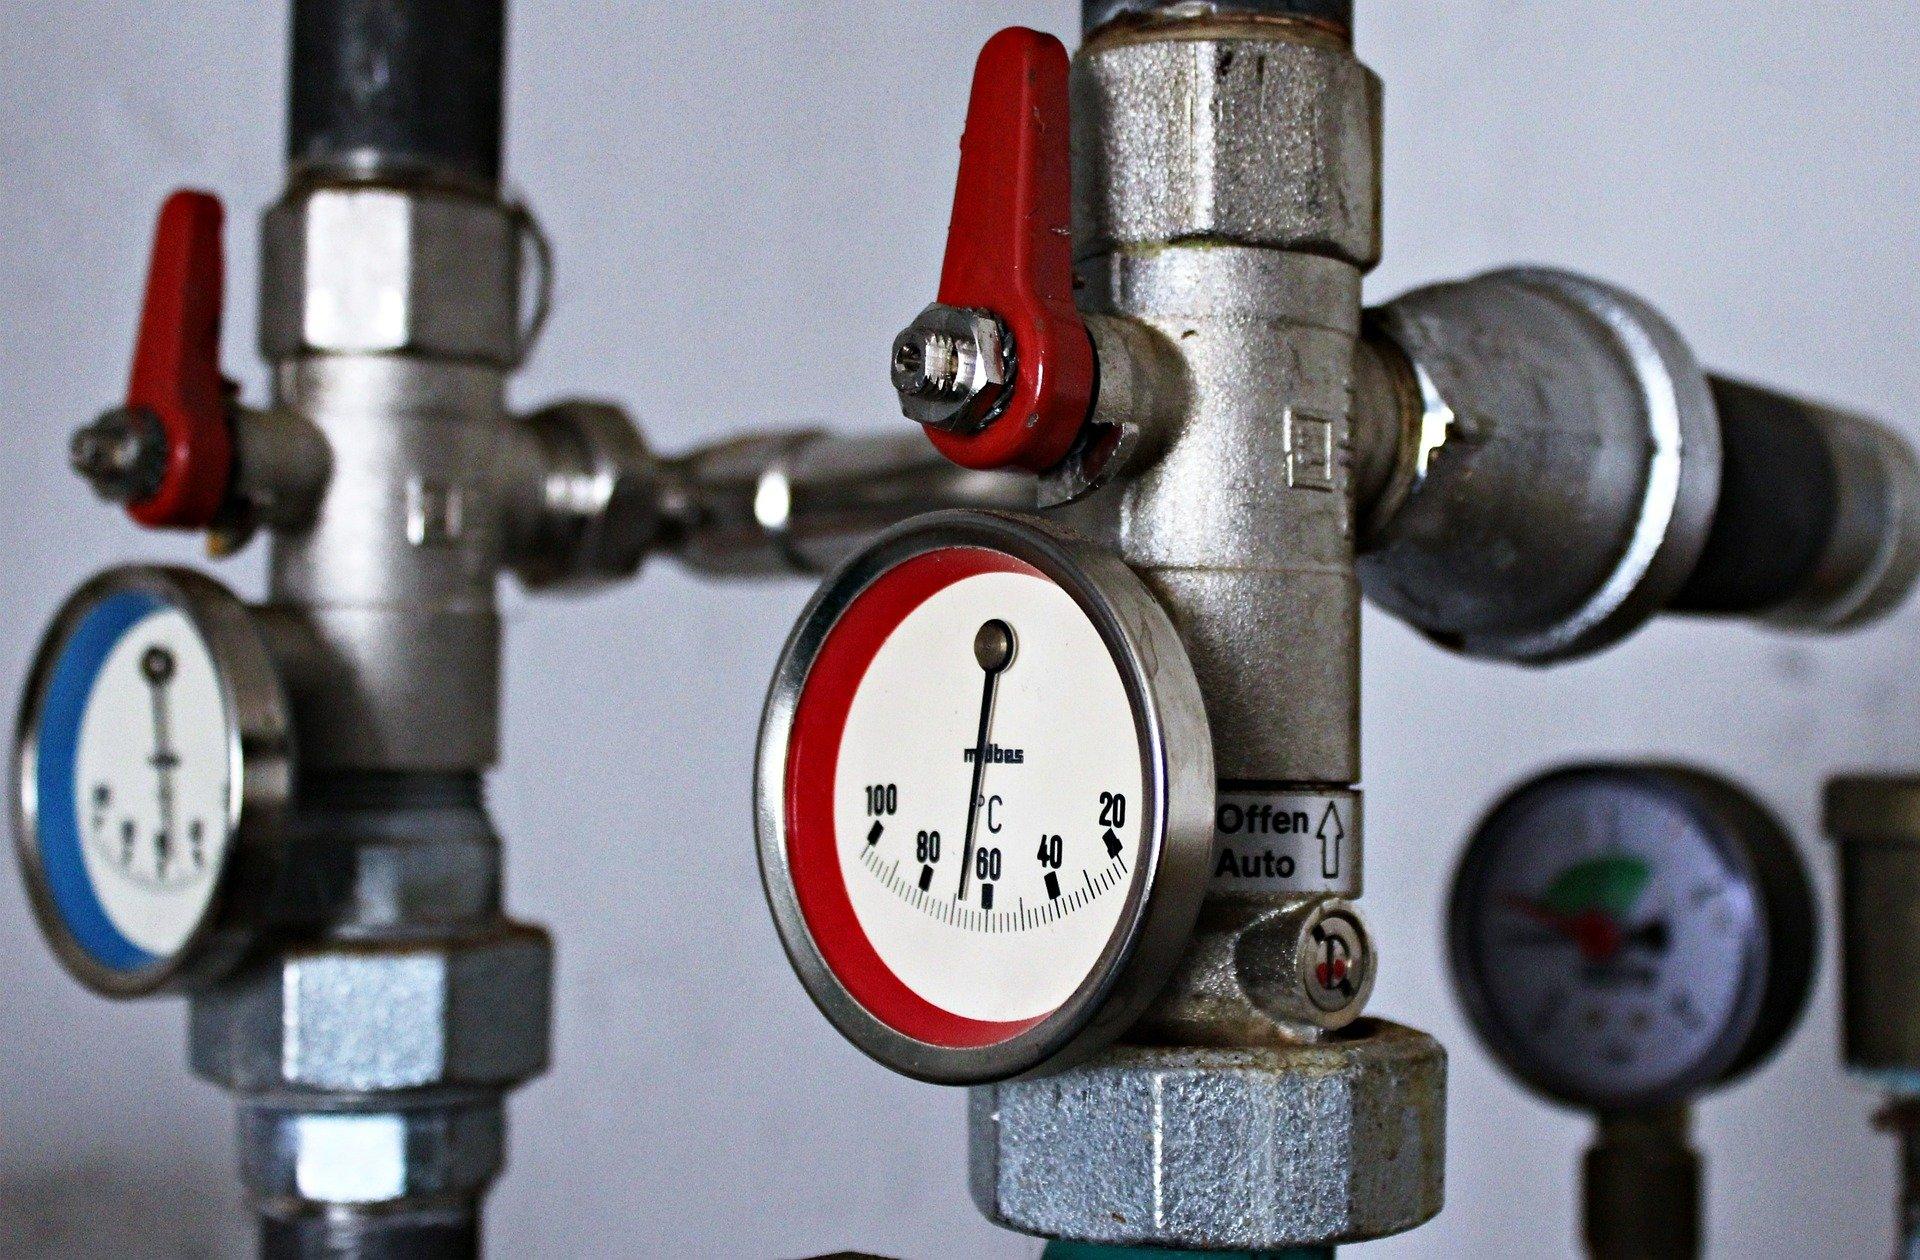 reseaux chaleur ecologiques transition energetique - L'Energeek.jpg